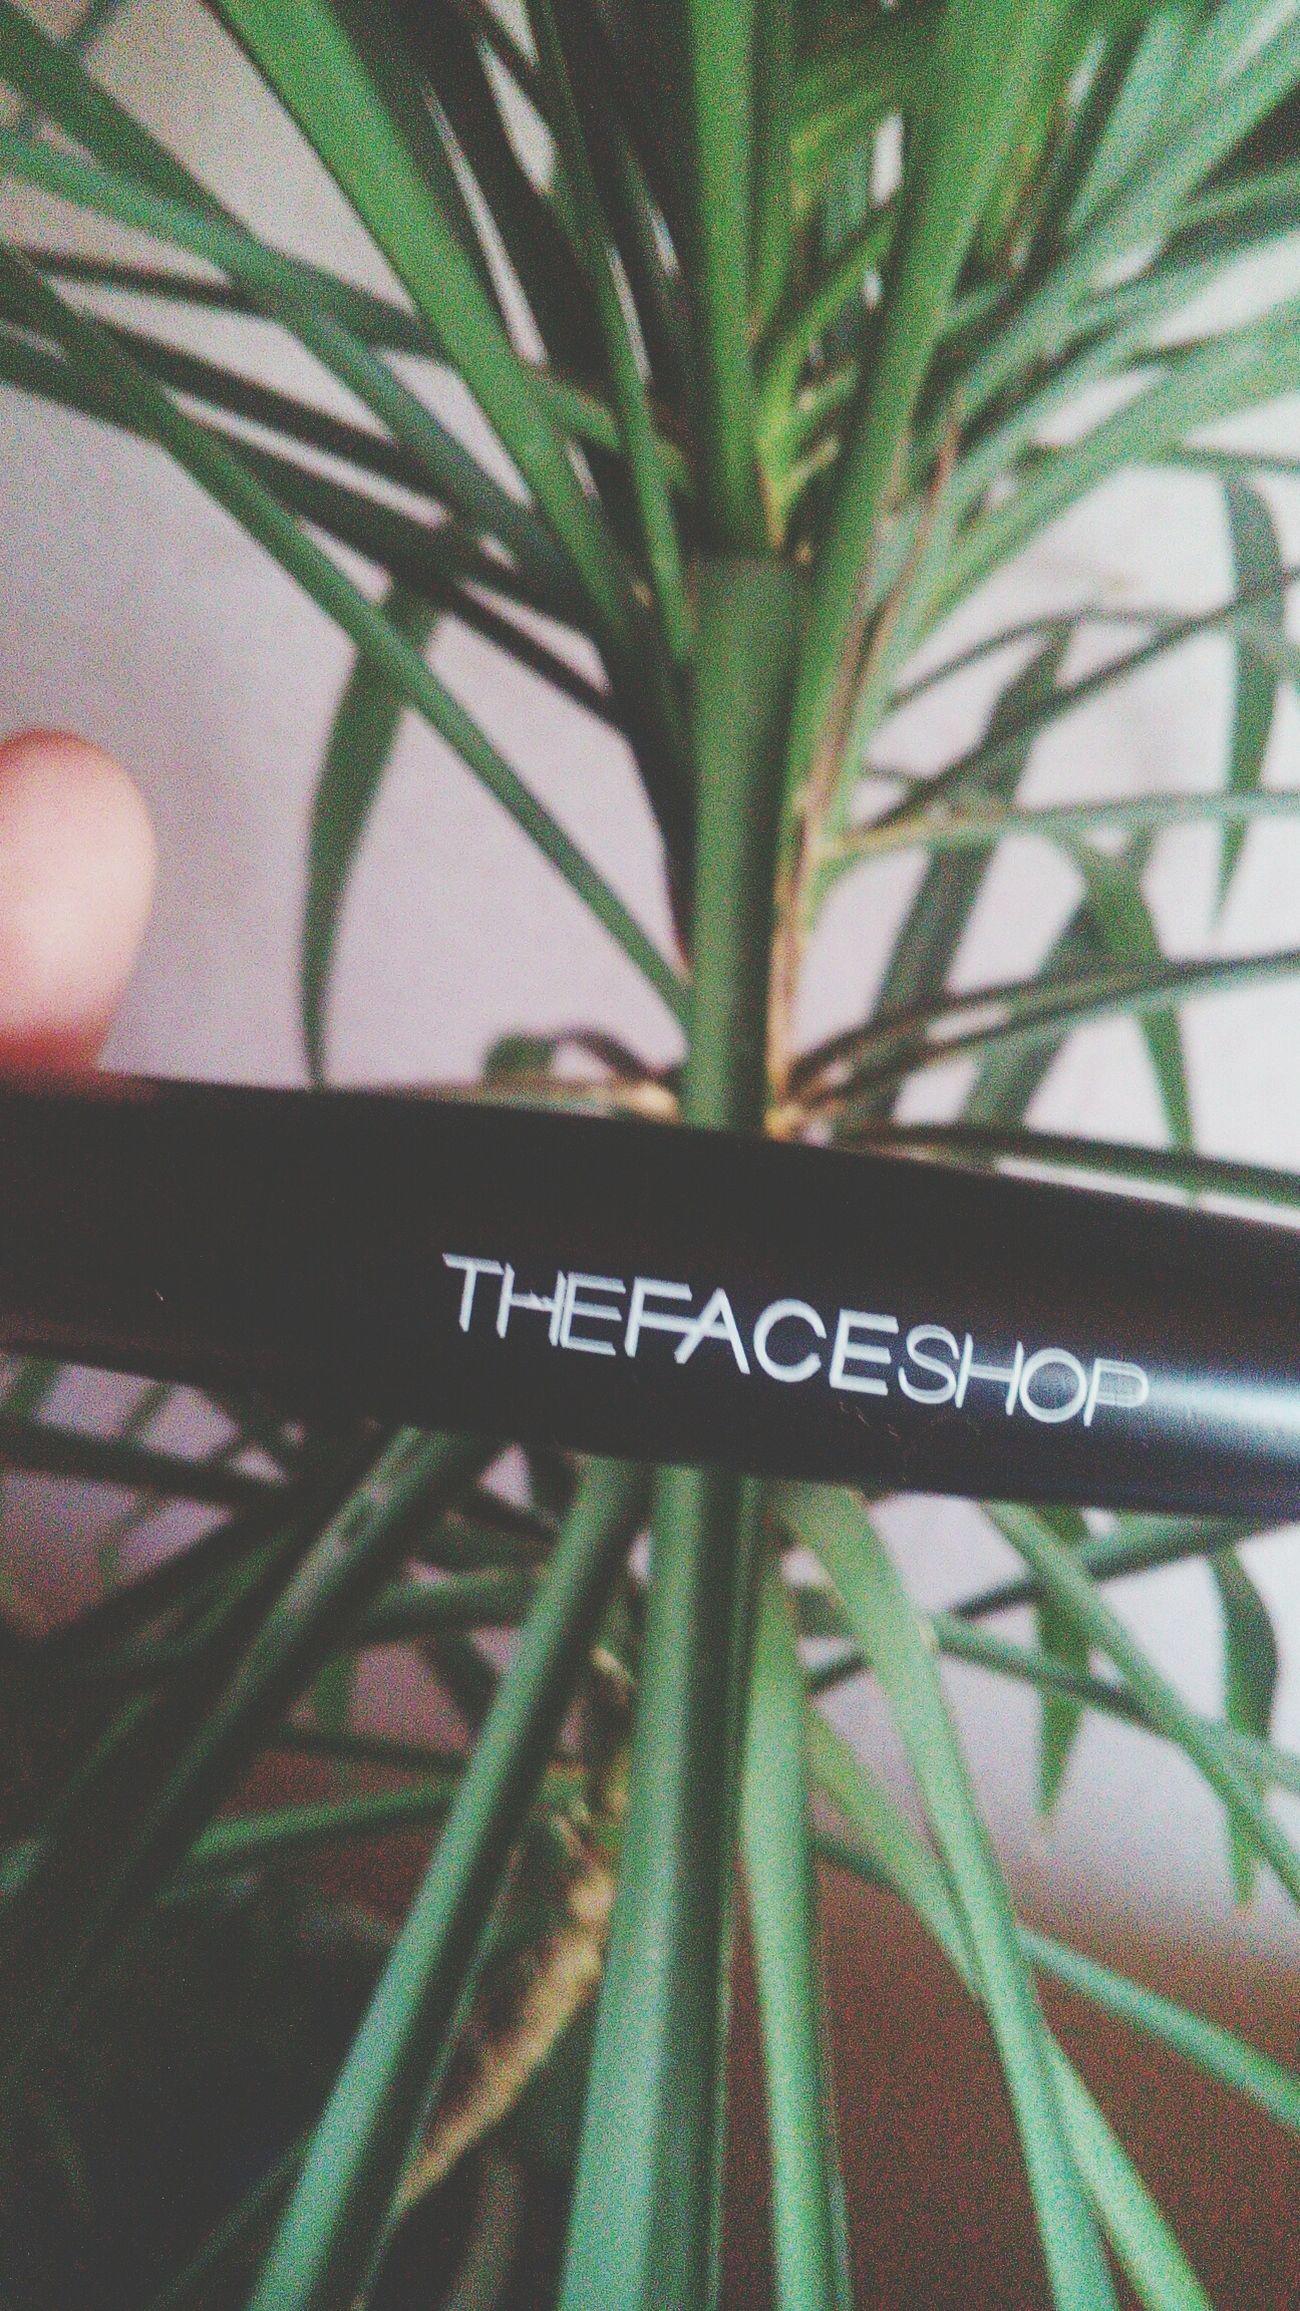 Моя супер тушь тушь TheFaceShop